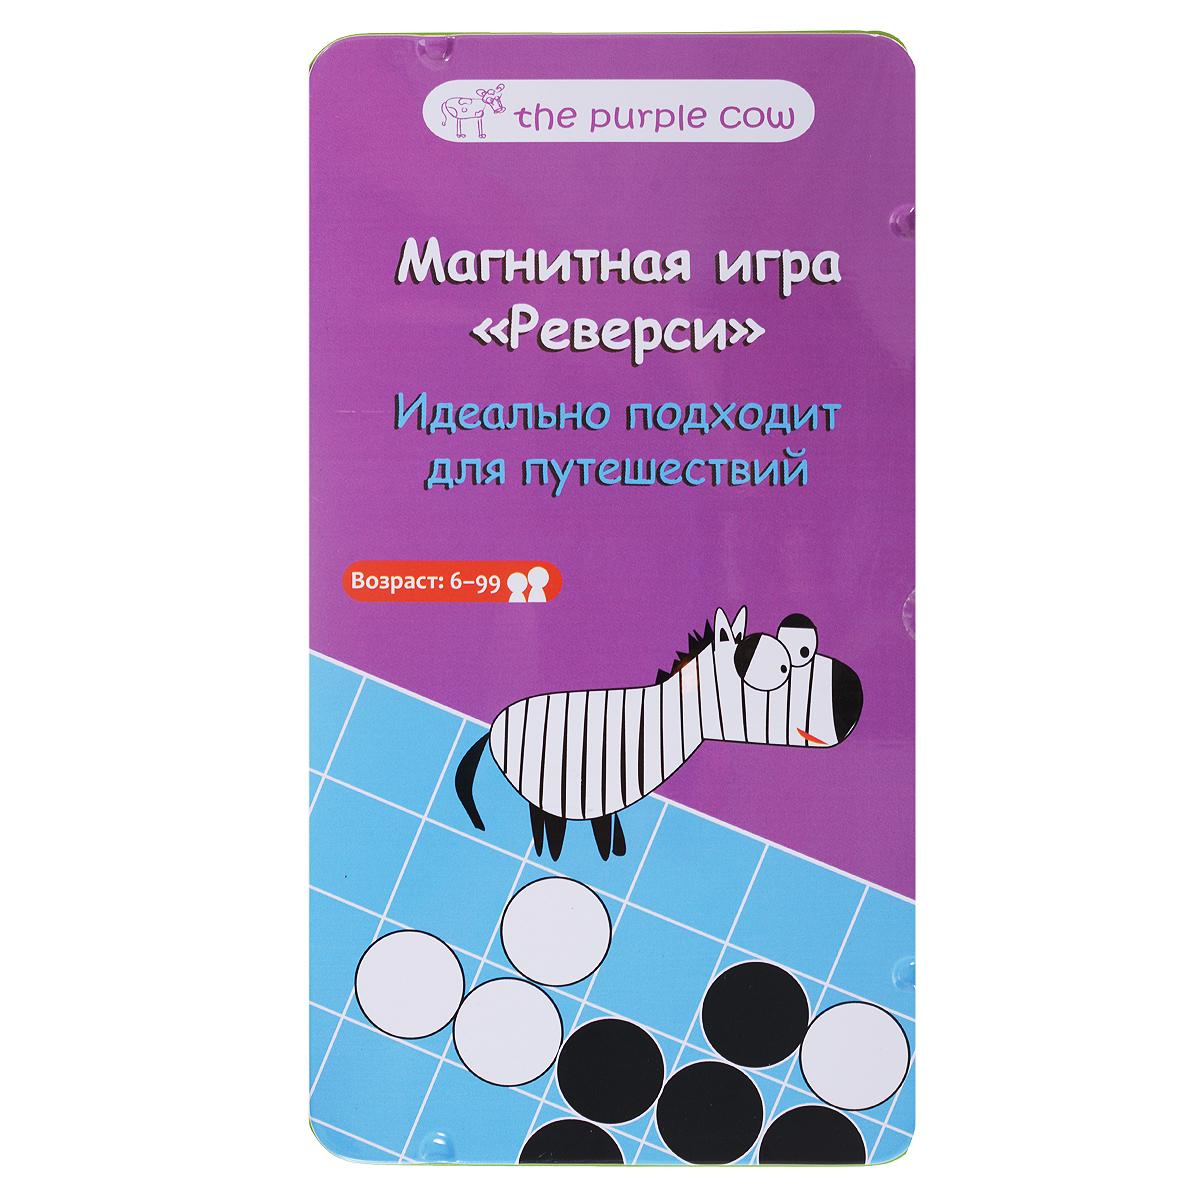 Магнитная игра The Purple Cow Реверси368576Магнитная игра The Purple Cow Реверси - настольная игра, которая надолго увлечет вашего ребенка. В комплект входят 60 черных и 60 белых магнитных шашек, а игровая доска расположена на внутренней стороне металлической коробки, в которую упакованы шашки. Цель игры: захватить как можно больше фишек противника. Игра прекращается, когда на доску выставлены все фишки или когда ни один из игроков не может сделать хода. Побеждает игрок с наибольшим количеством фишек своего цвета, находящихся на доске. Подробные правила изложены на упаковке на русском языке. Магнитная игра The Purple Cow Реверси займет вашего ребенка и поможет ему раскрыть свой потенциал, научит его логическому мышлению и поспособствует развитию мелкой моторики. Гарантия 30 дней.